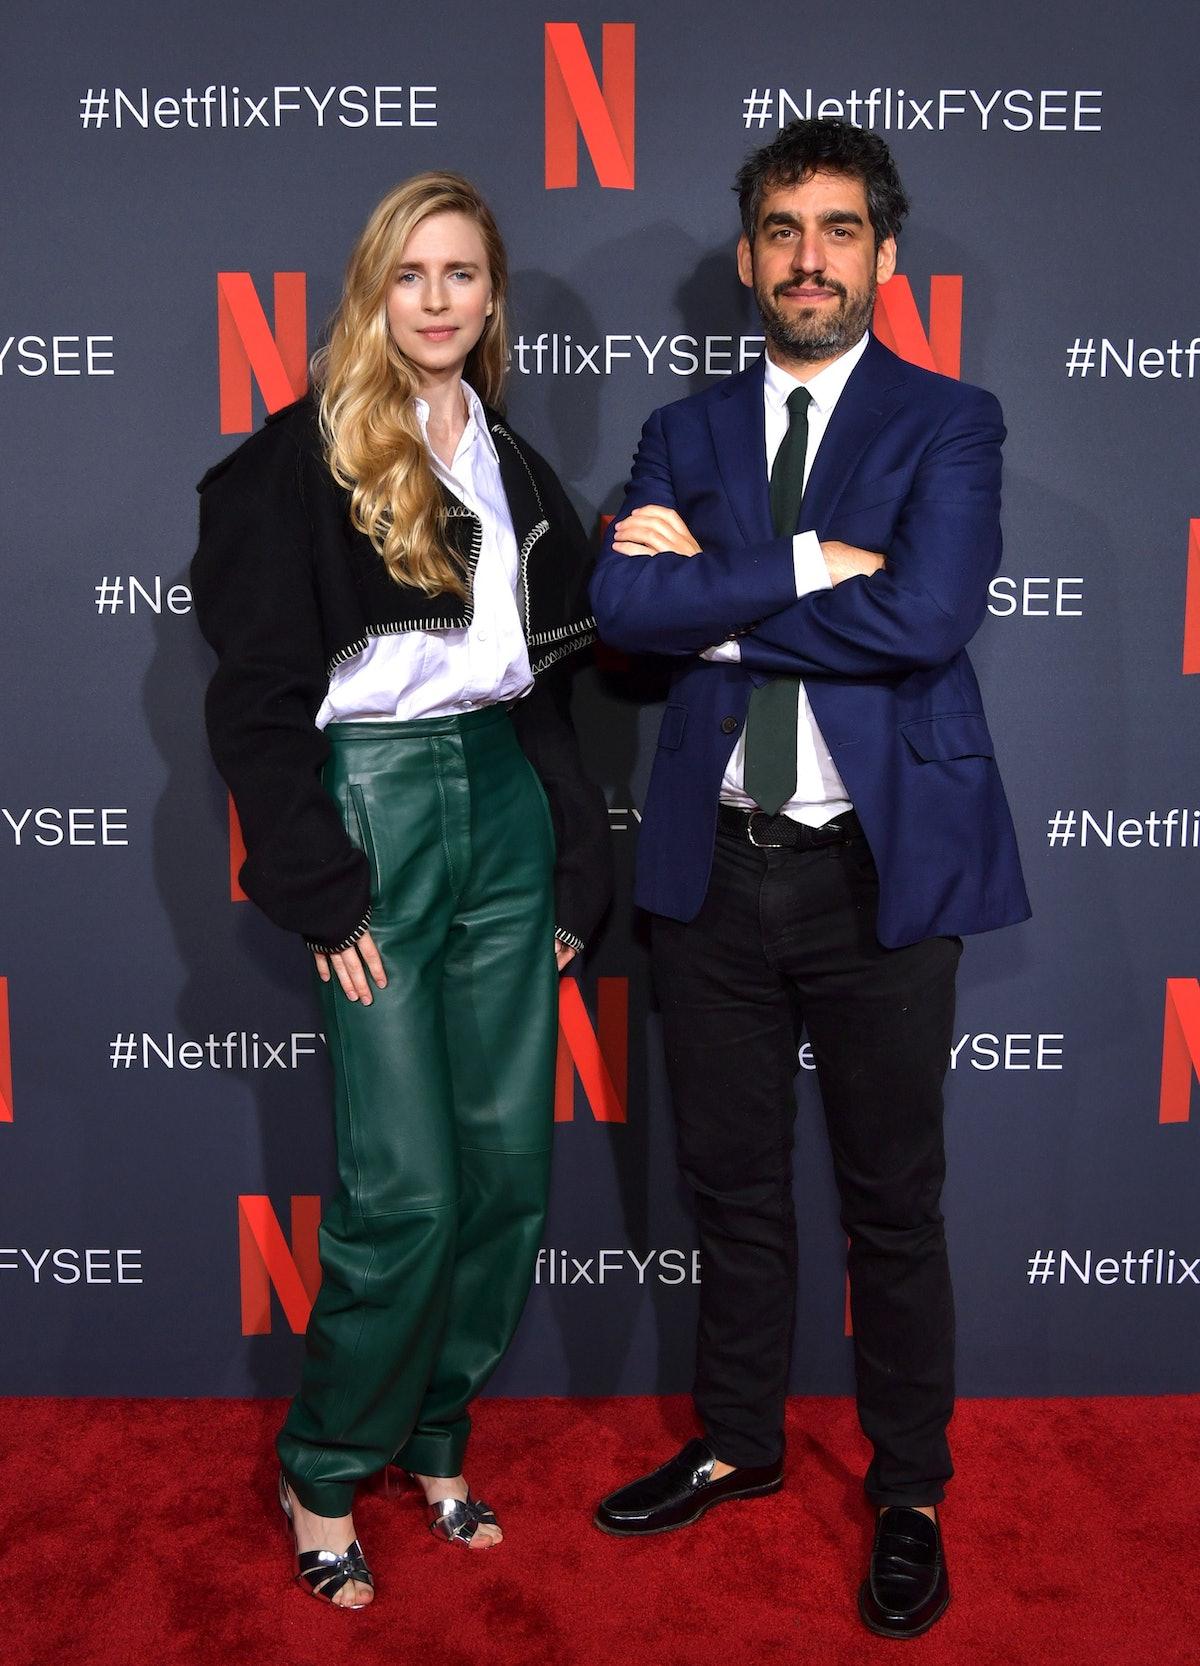 Netflix FYSEE Change In Focus